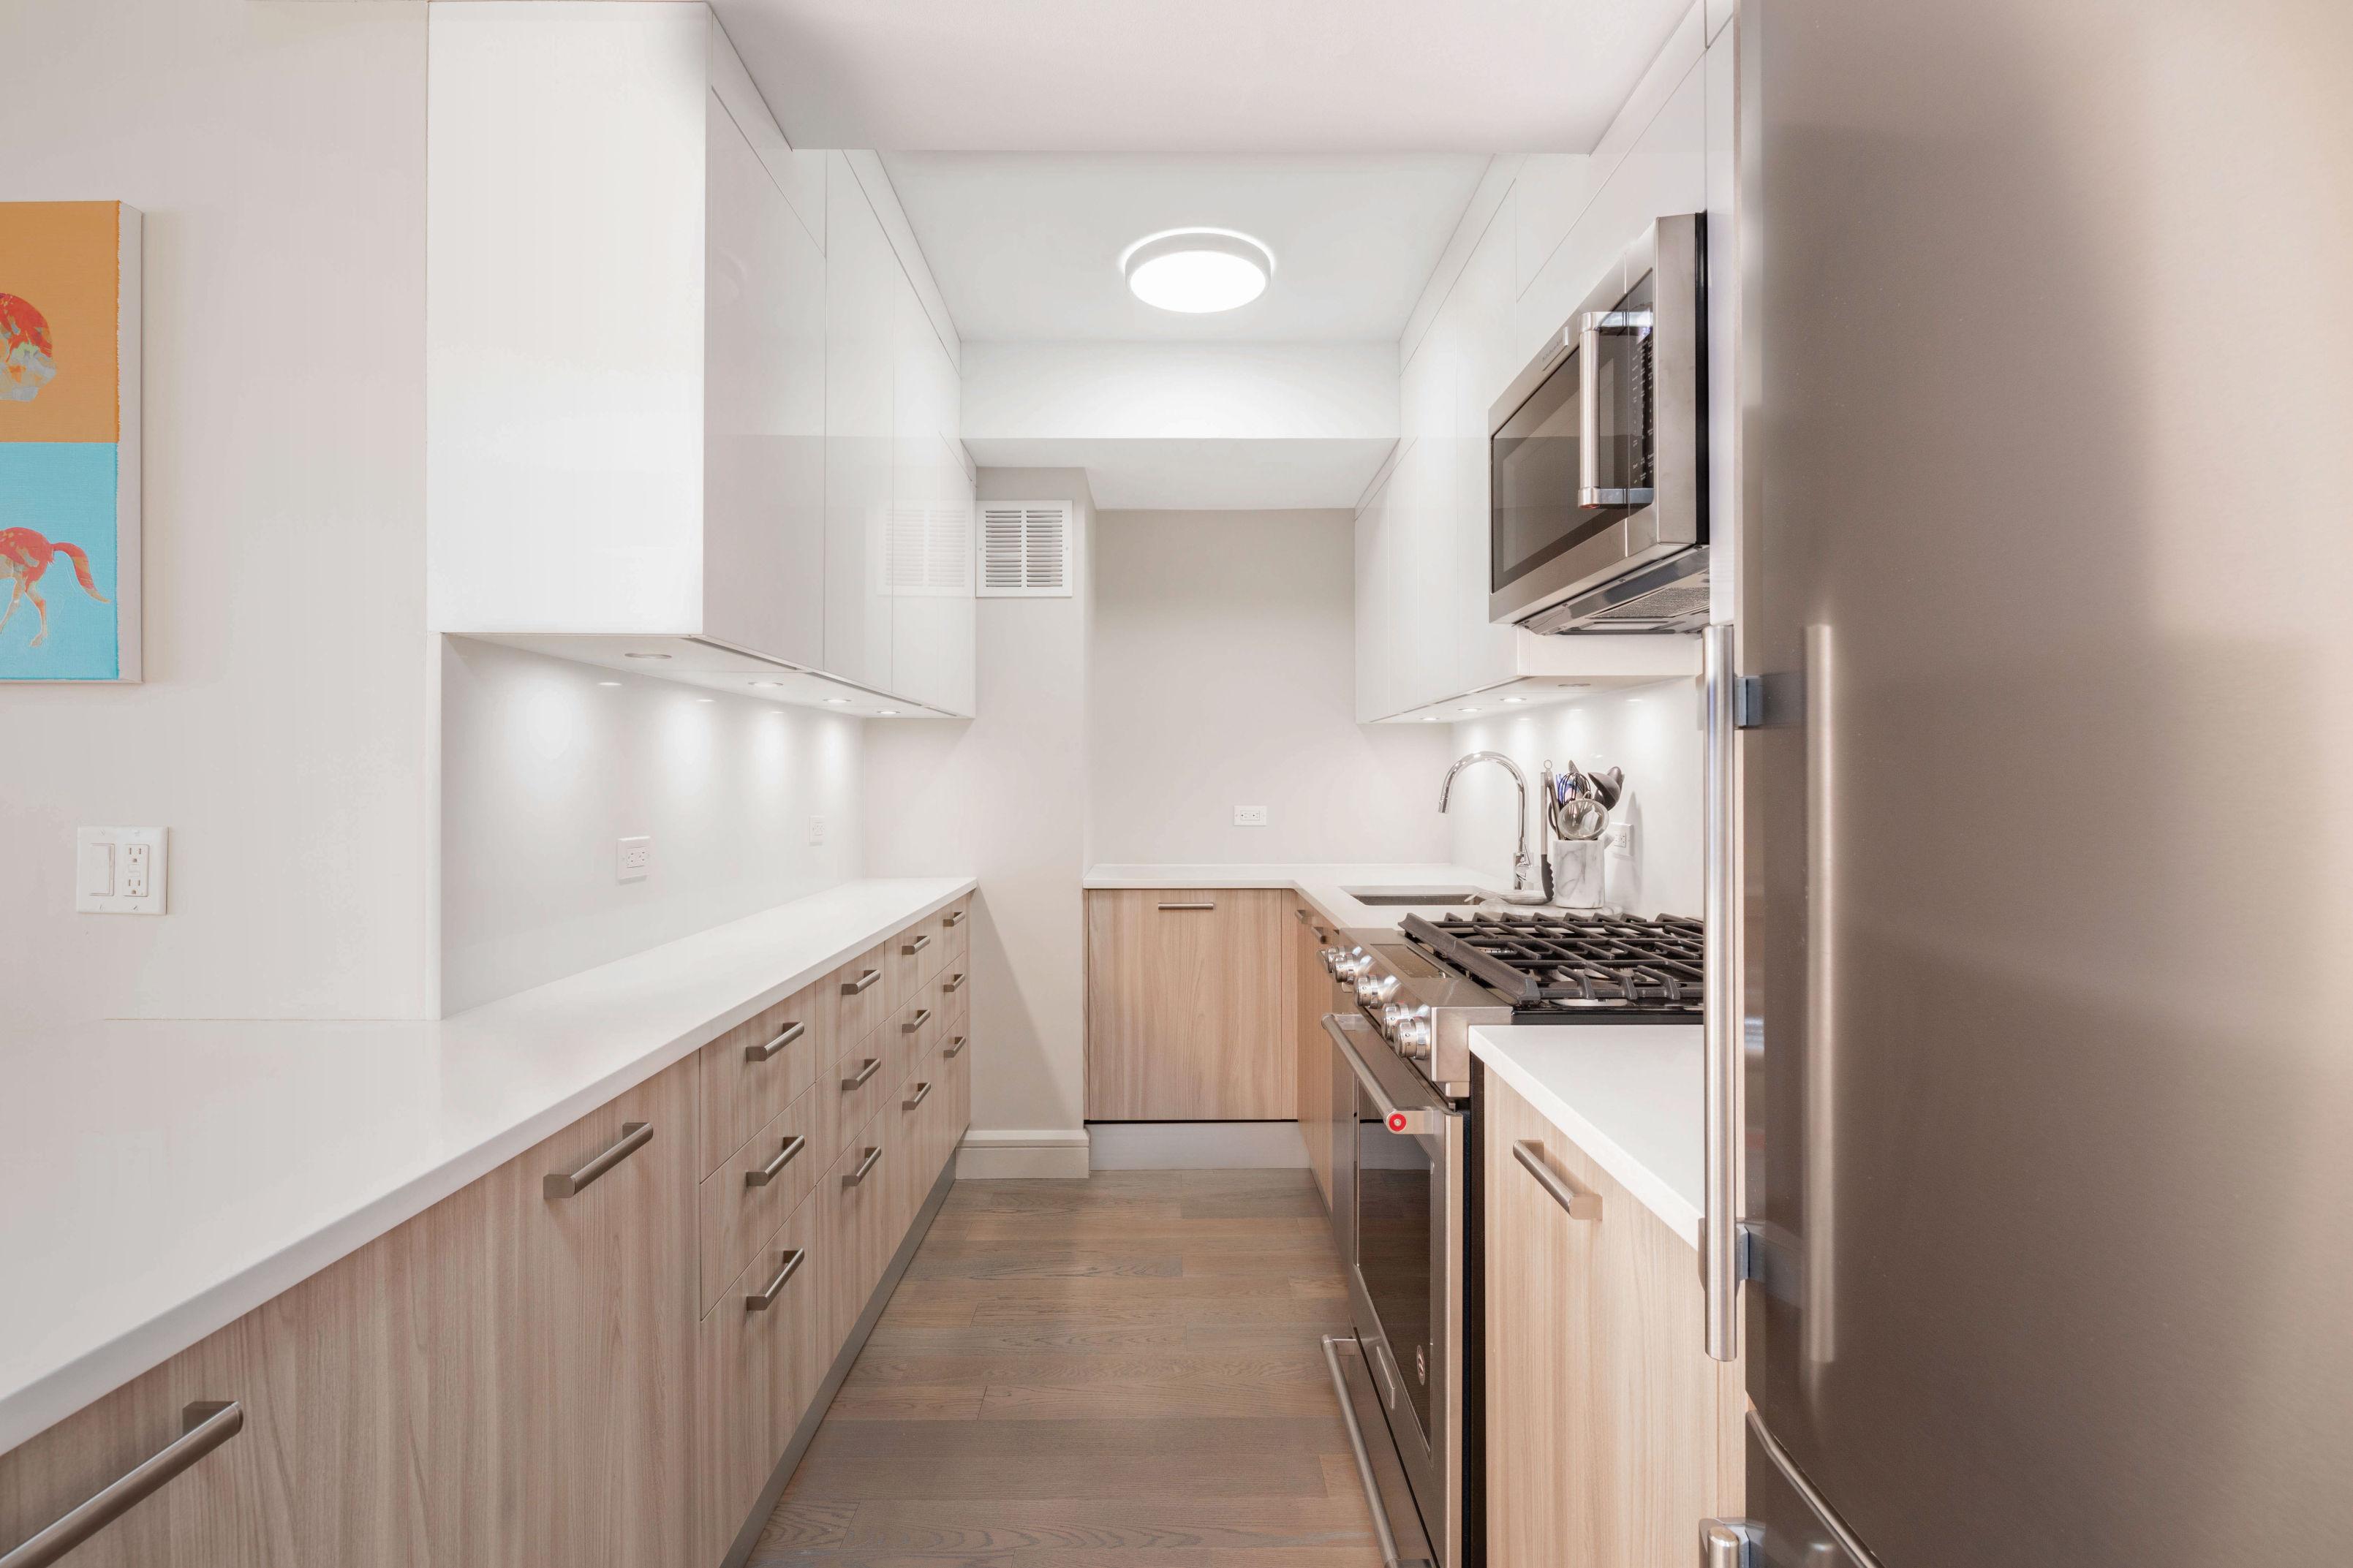 Apartment for sale at 107-40 Queens Boulevard, Apt 6-C